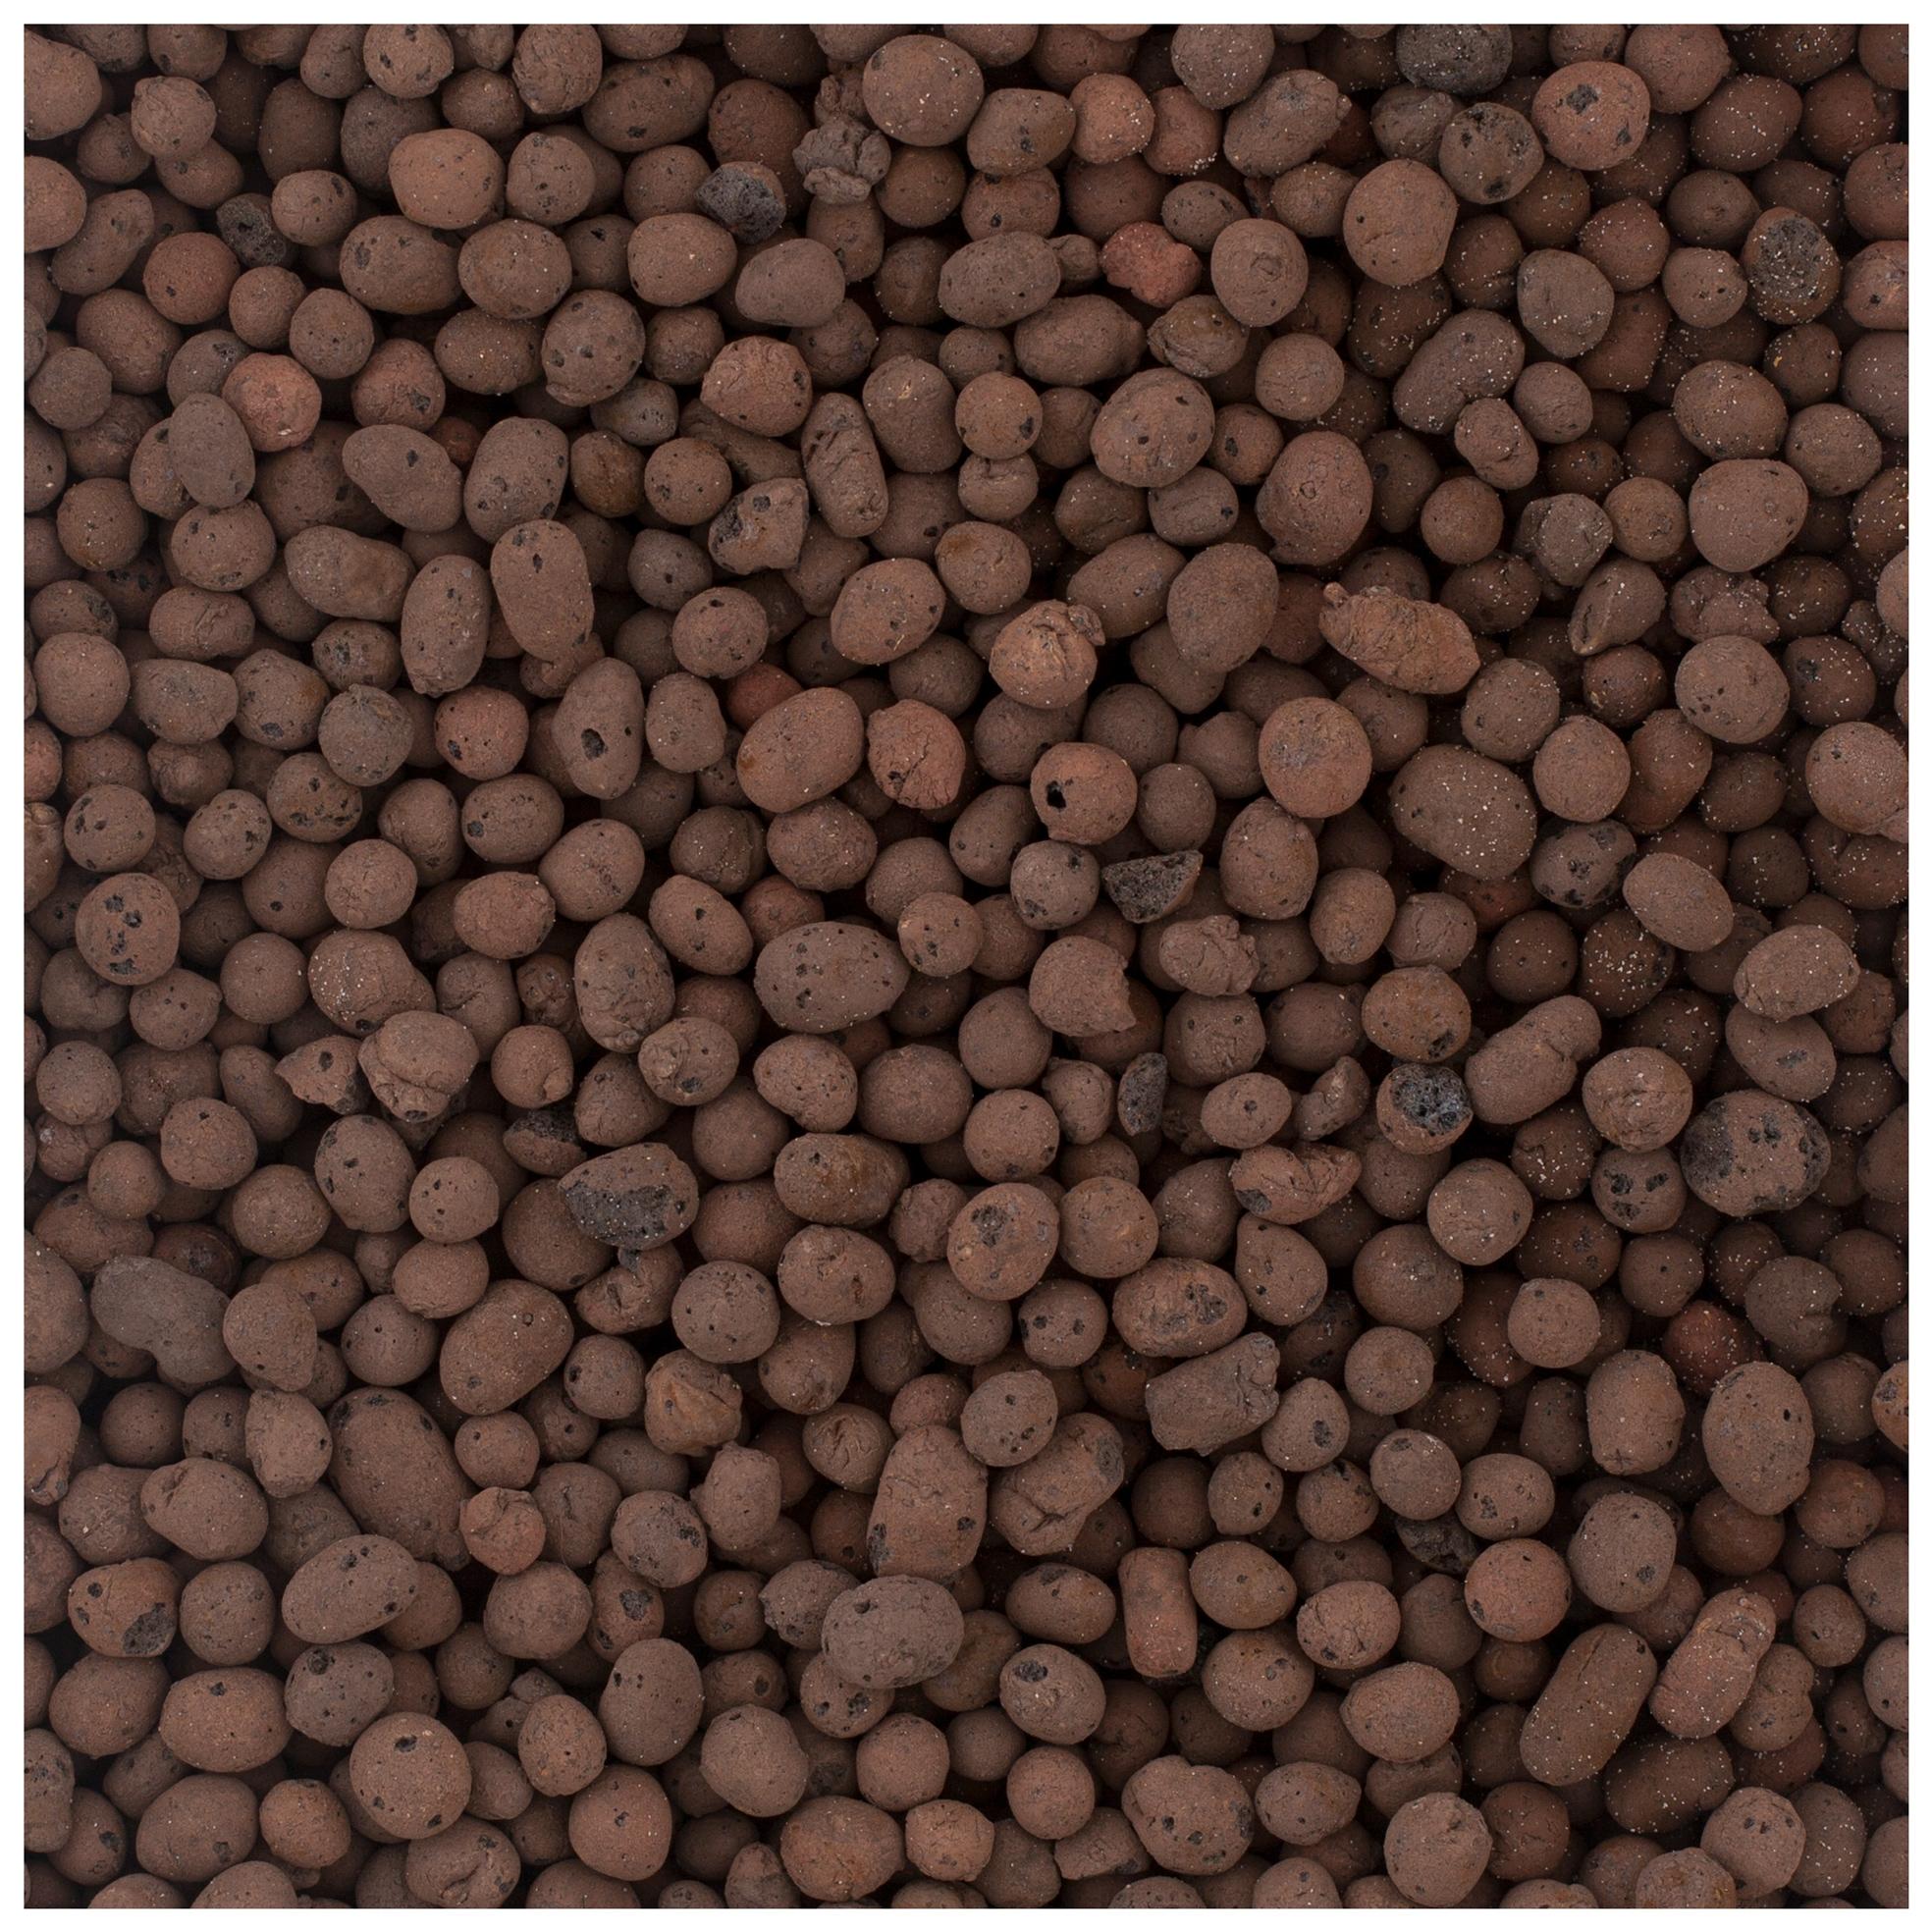 Argex 8-16 mm - 30 Liter